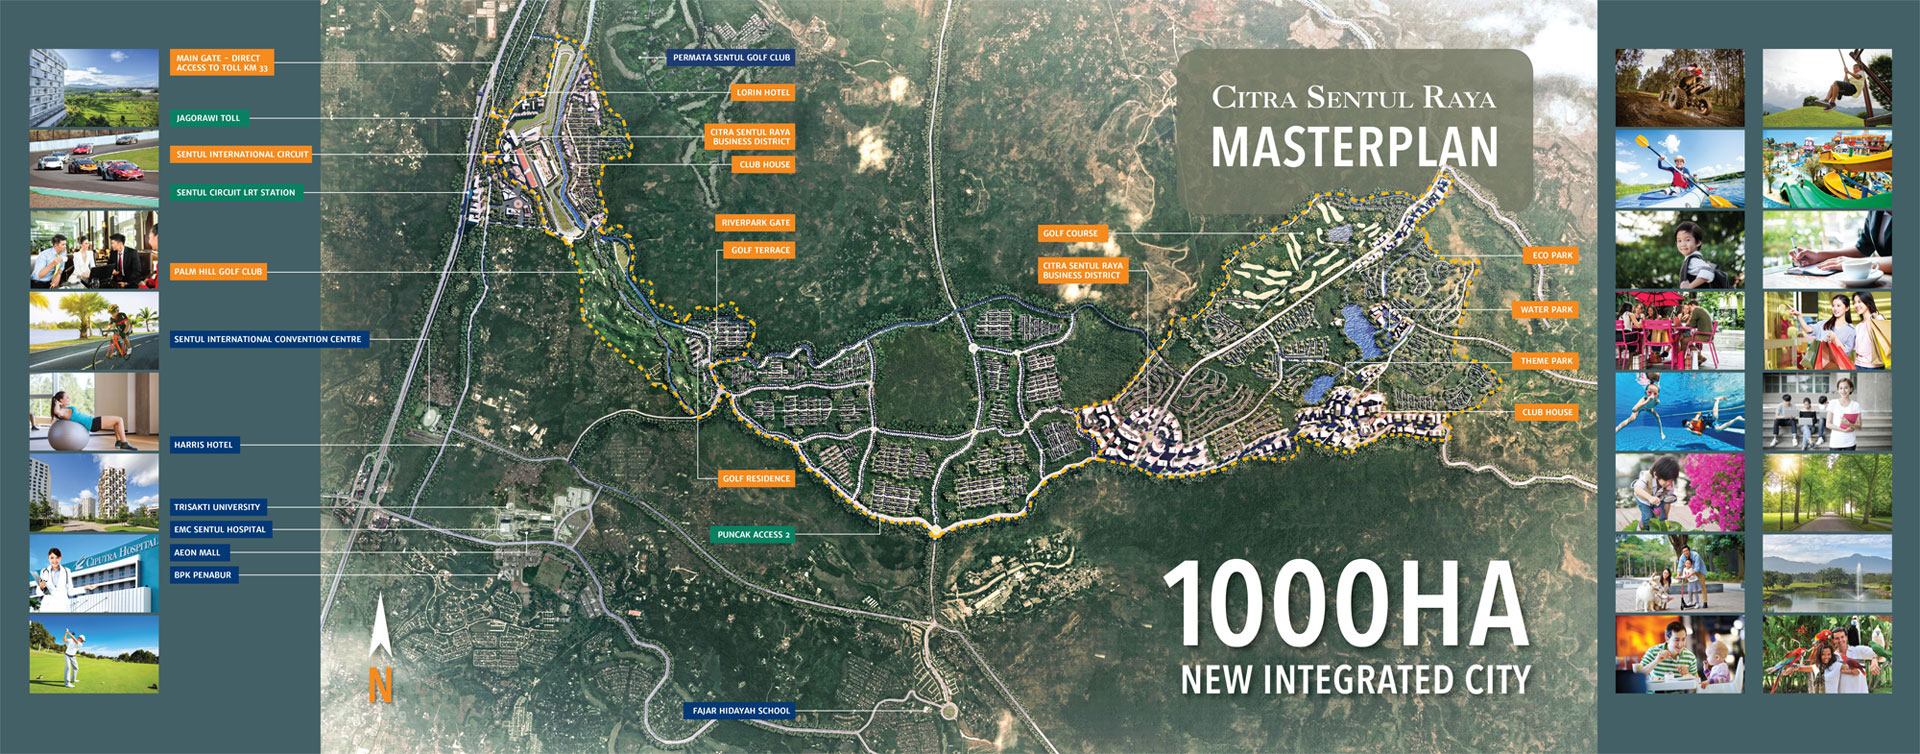 Master plan